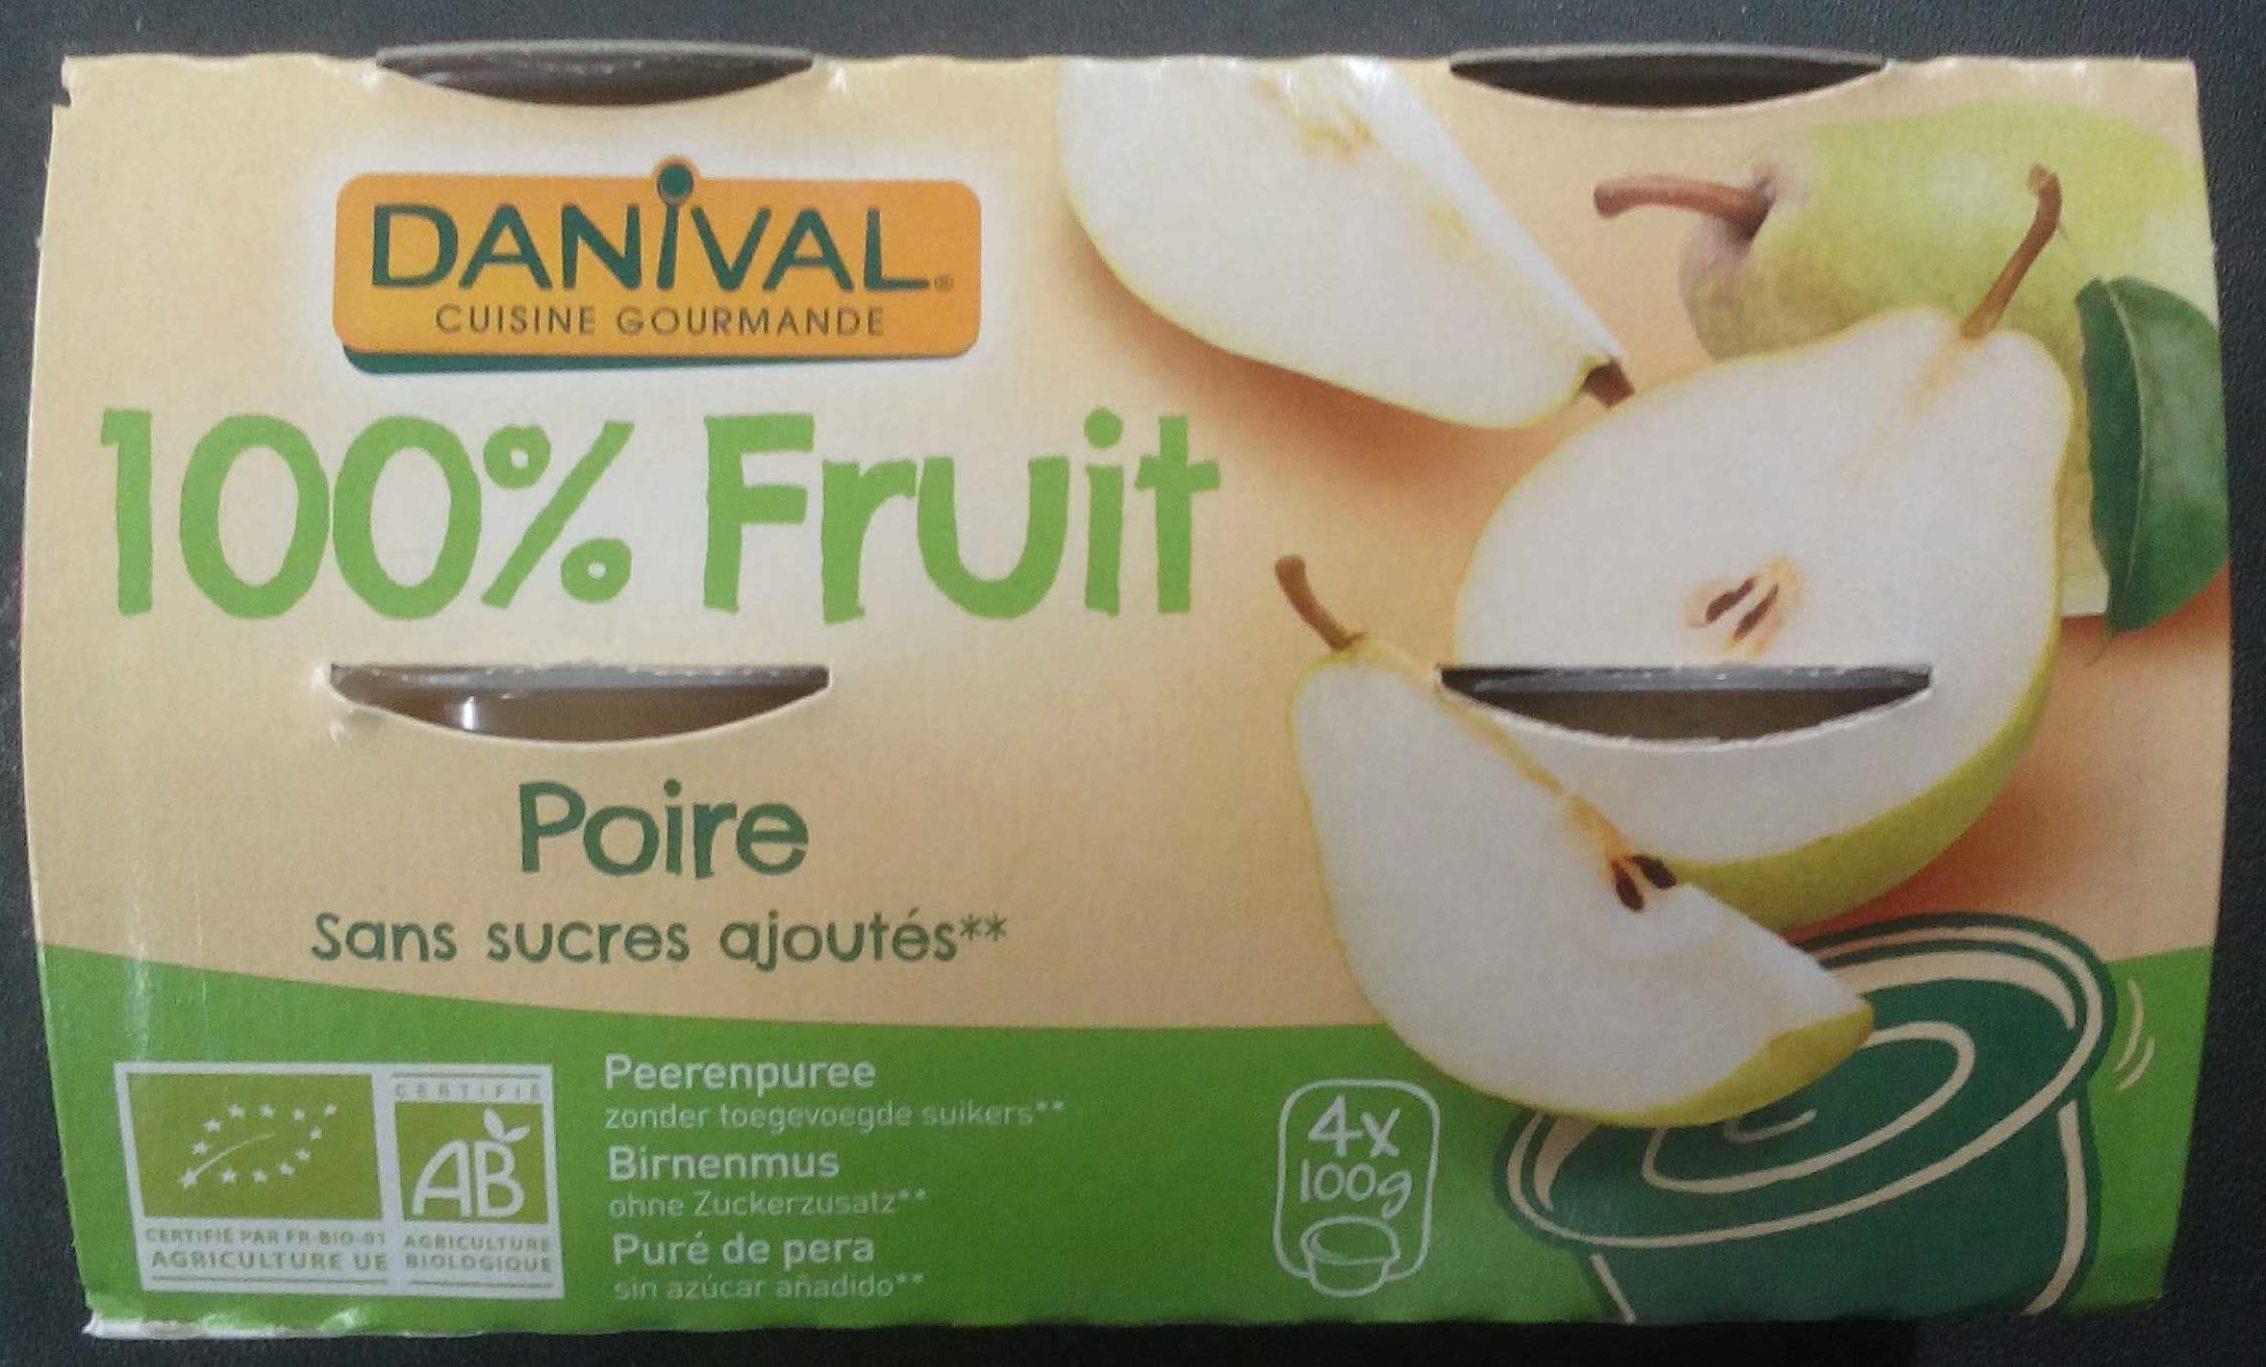 100% Fruit Poire - Produit - fr